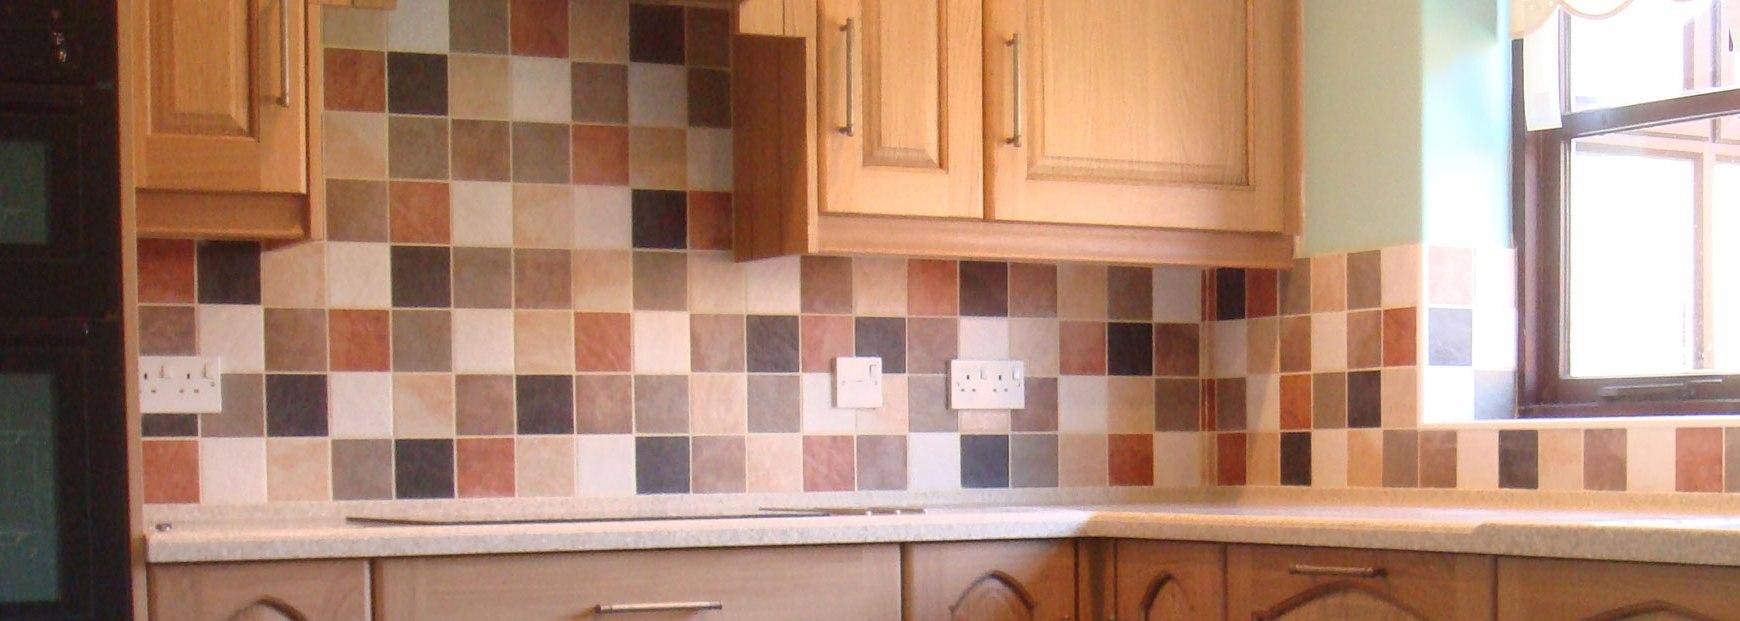 Johnson Tiling Services - Bathroom & Kitchen Tiler Nottingham Derby